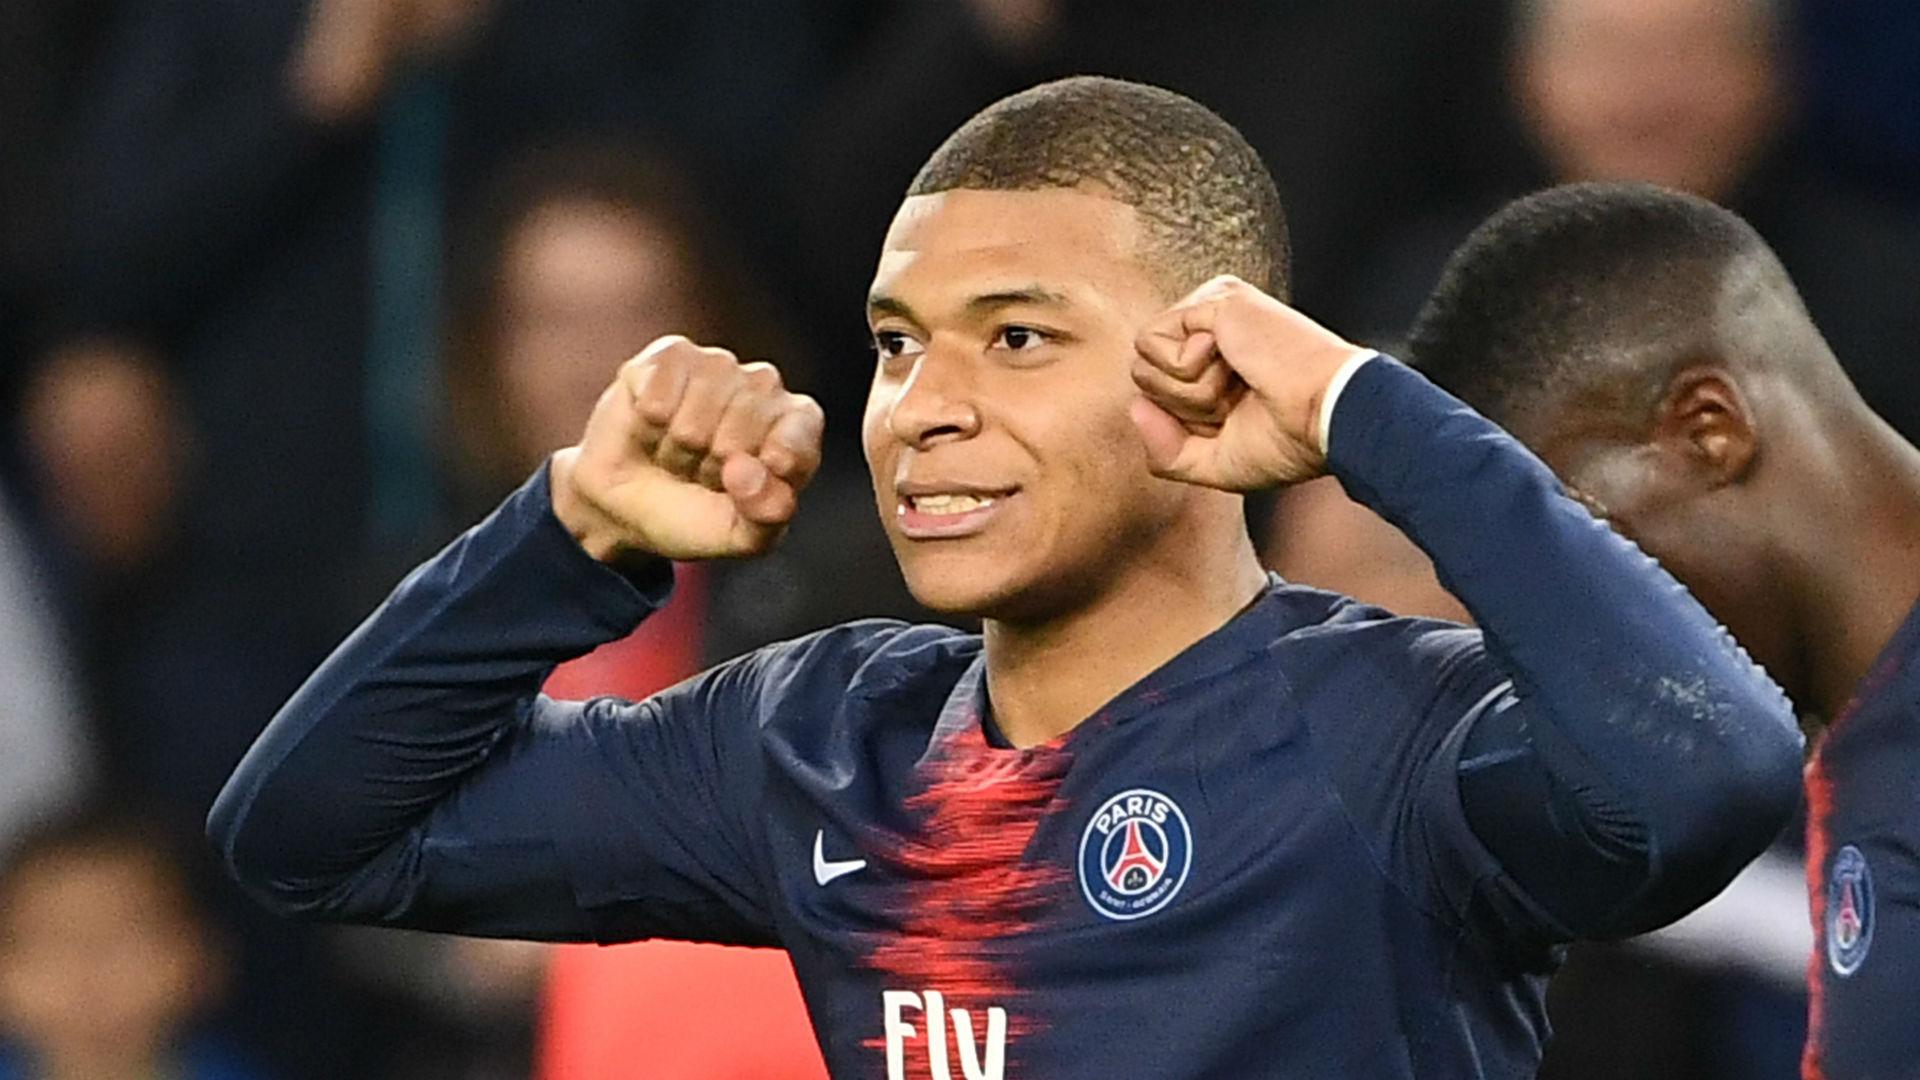 Ligue 1: Kylian Mbappe breaks record in PSG win